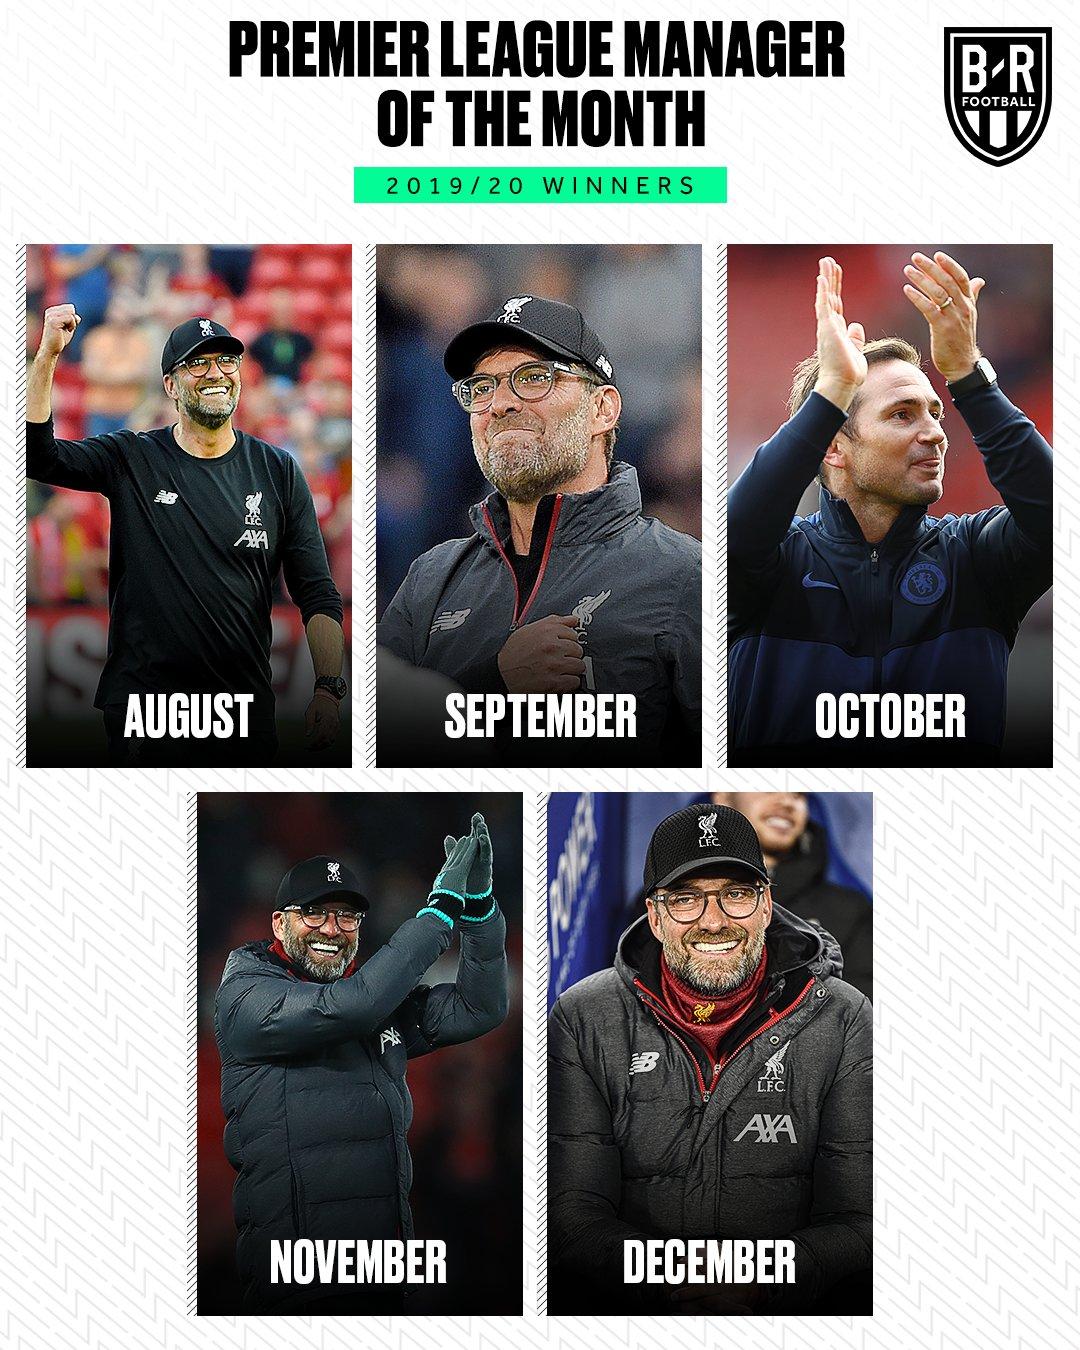 克洛普还能再进一步?历史上没人单季拿到五次月最佳主帅